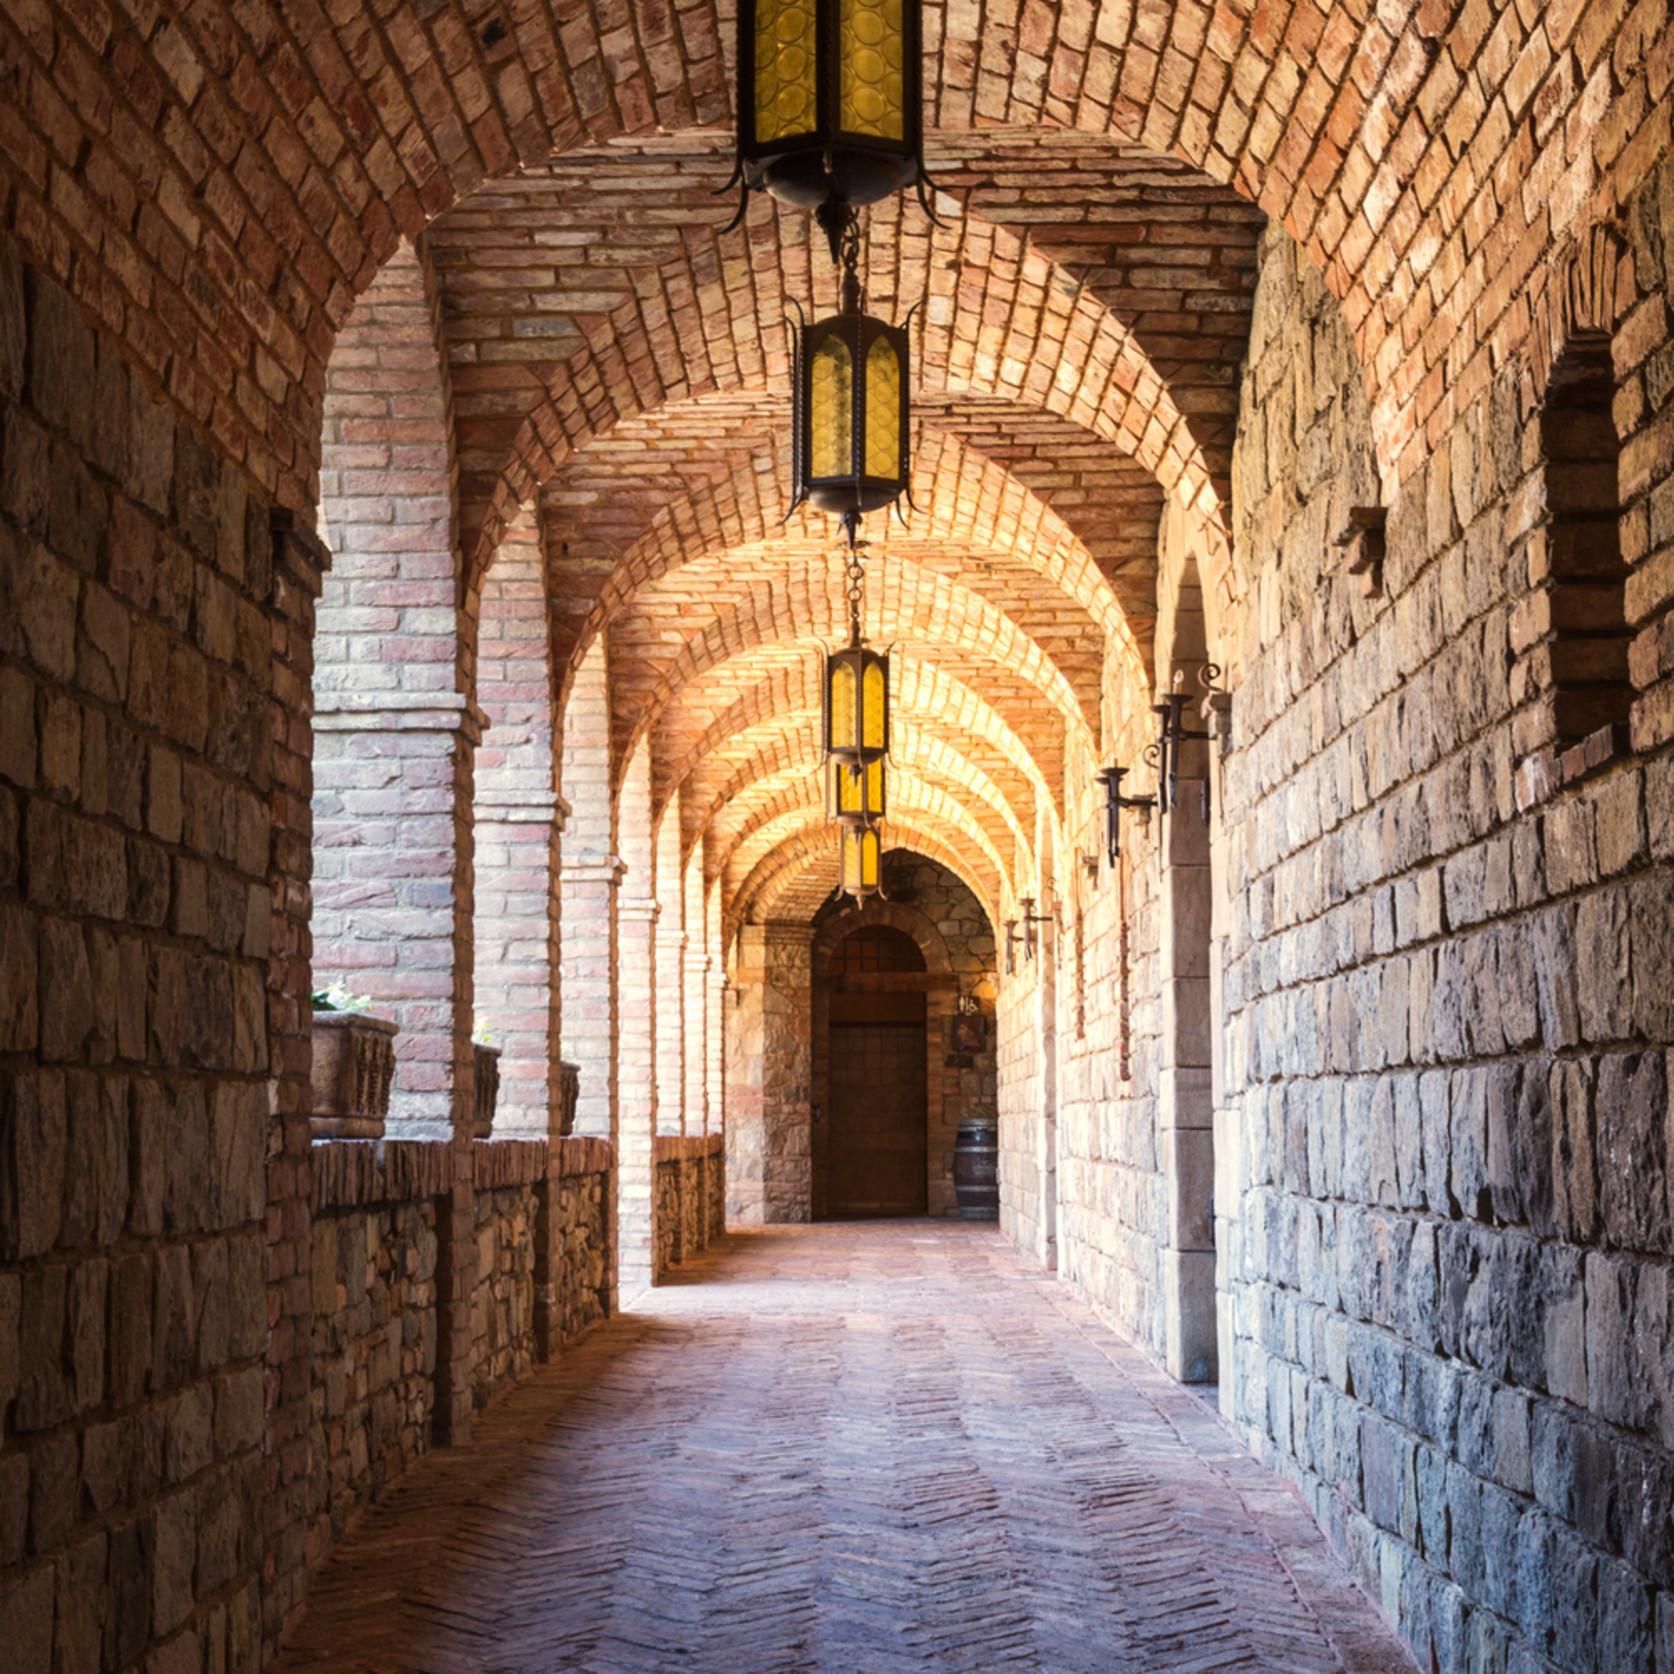 Castello di amorosa cloister ii m64t6m